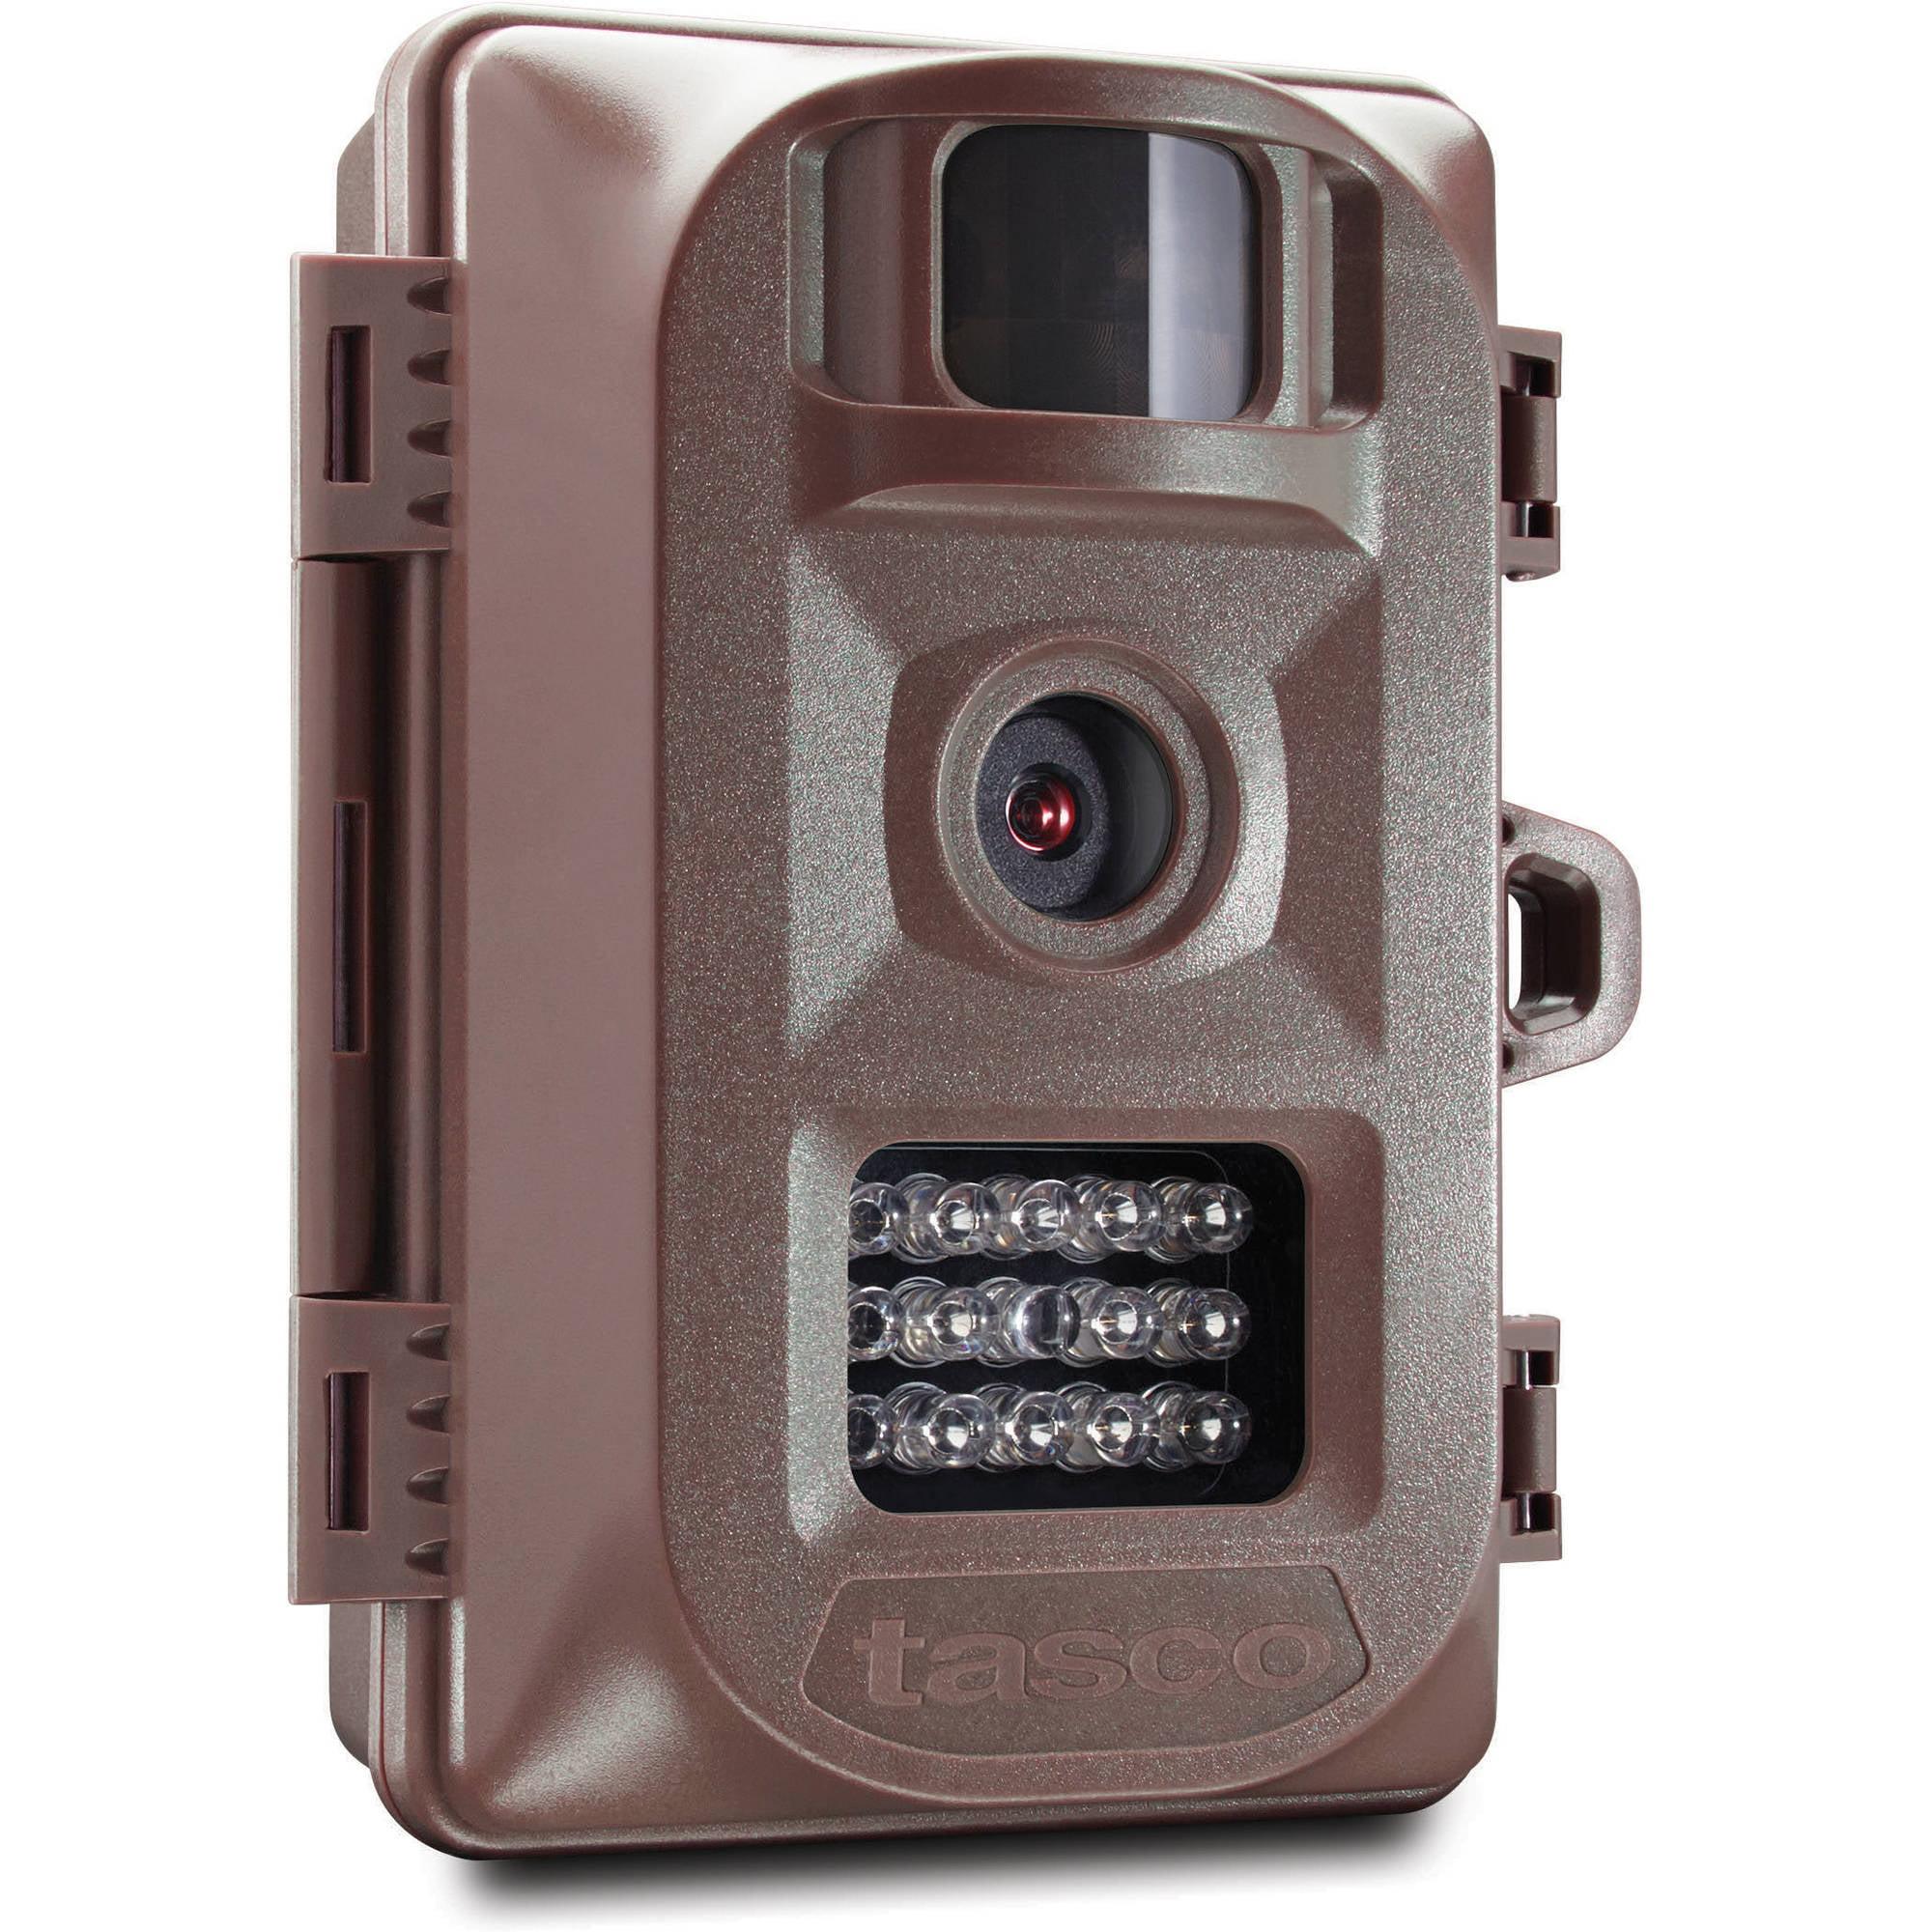 tasco 3mp trail camera, tan walmart.com